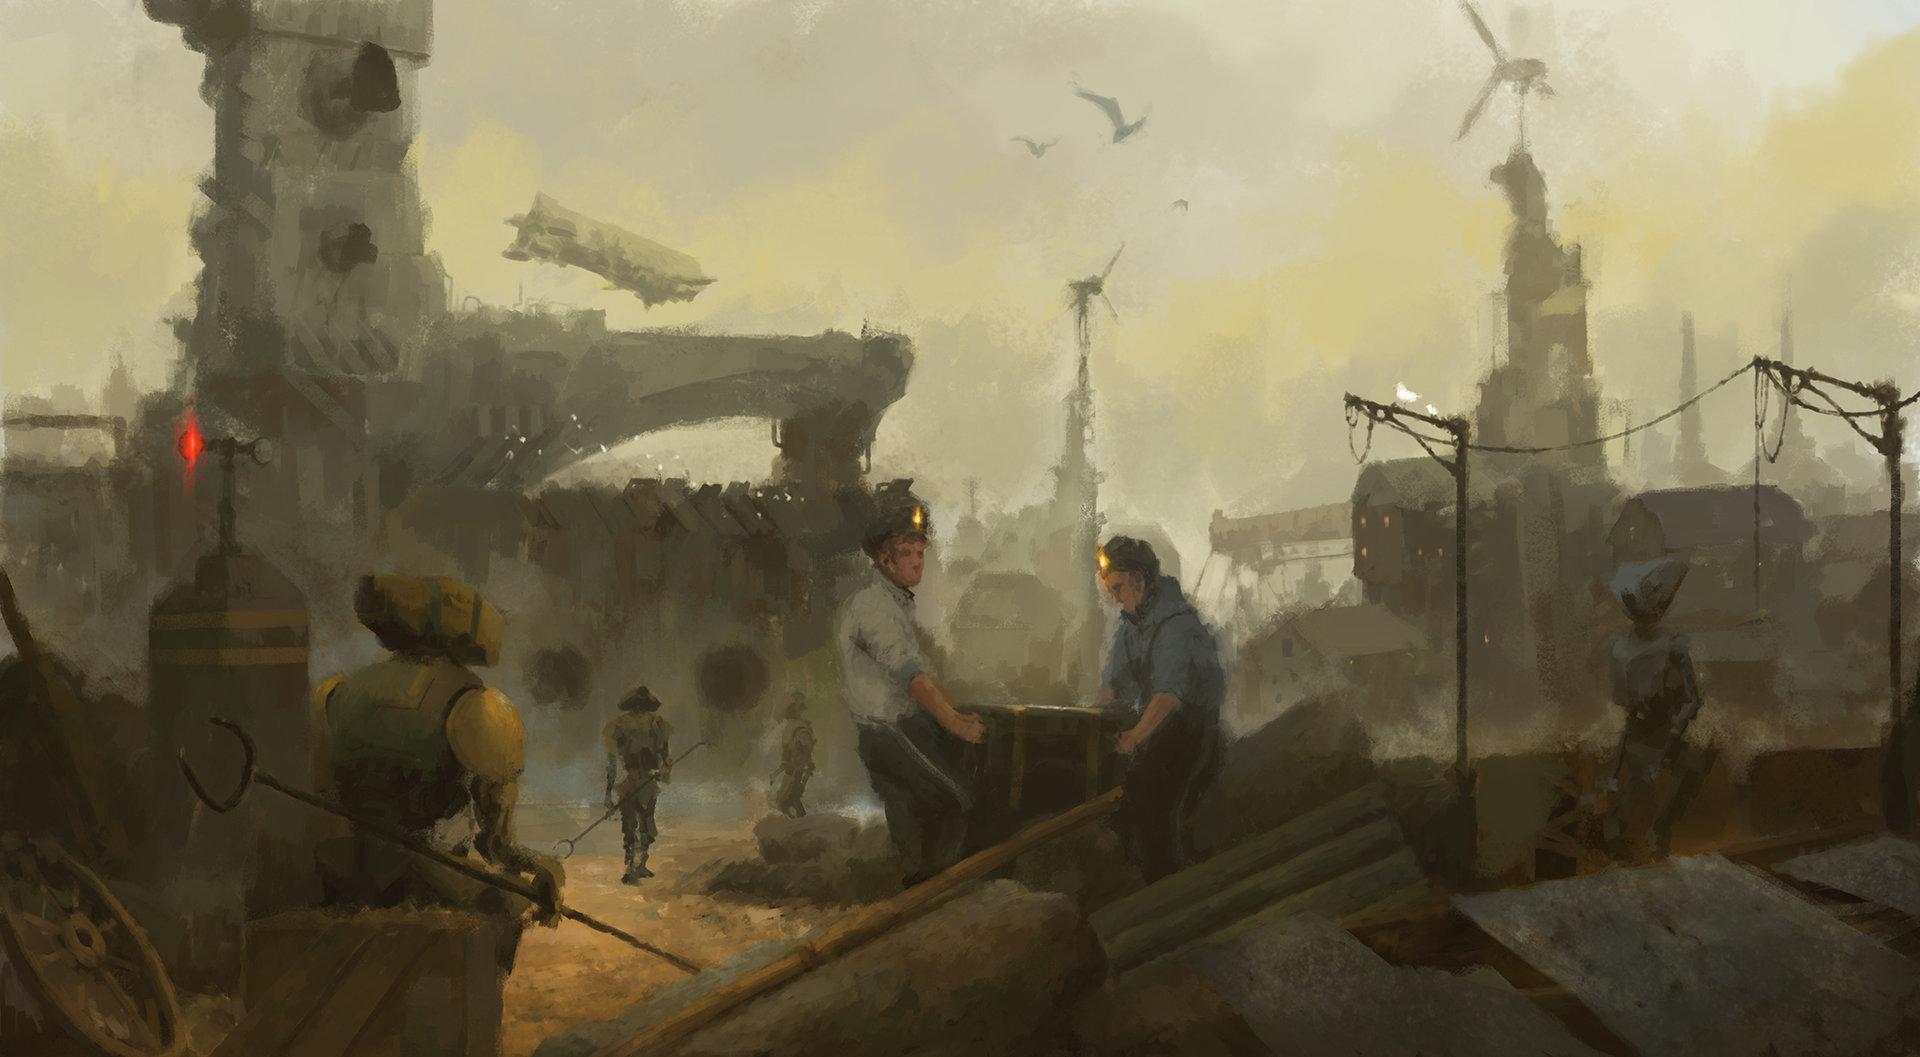 Atmosféra připomínající Metro v podání ukrajinského umělce 104315